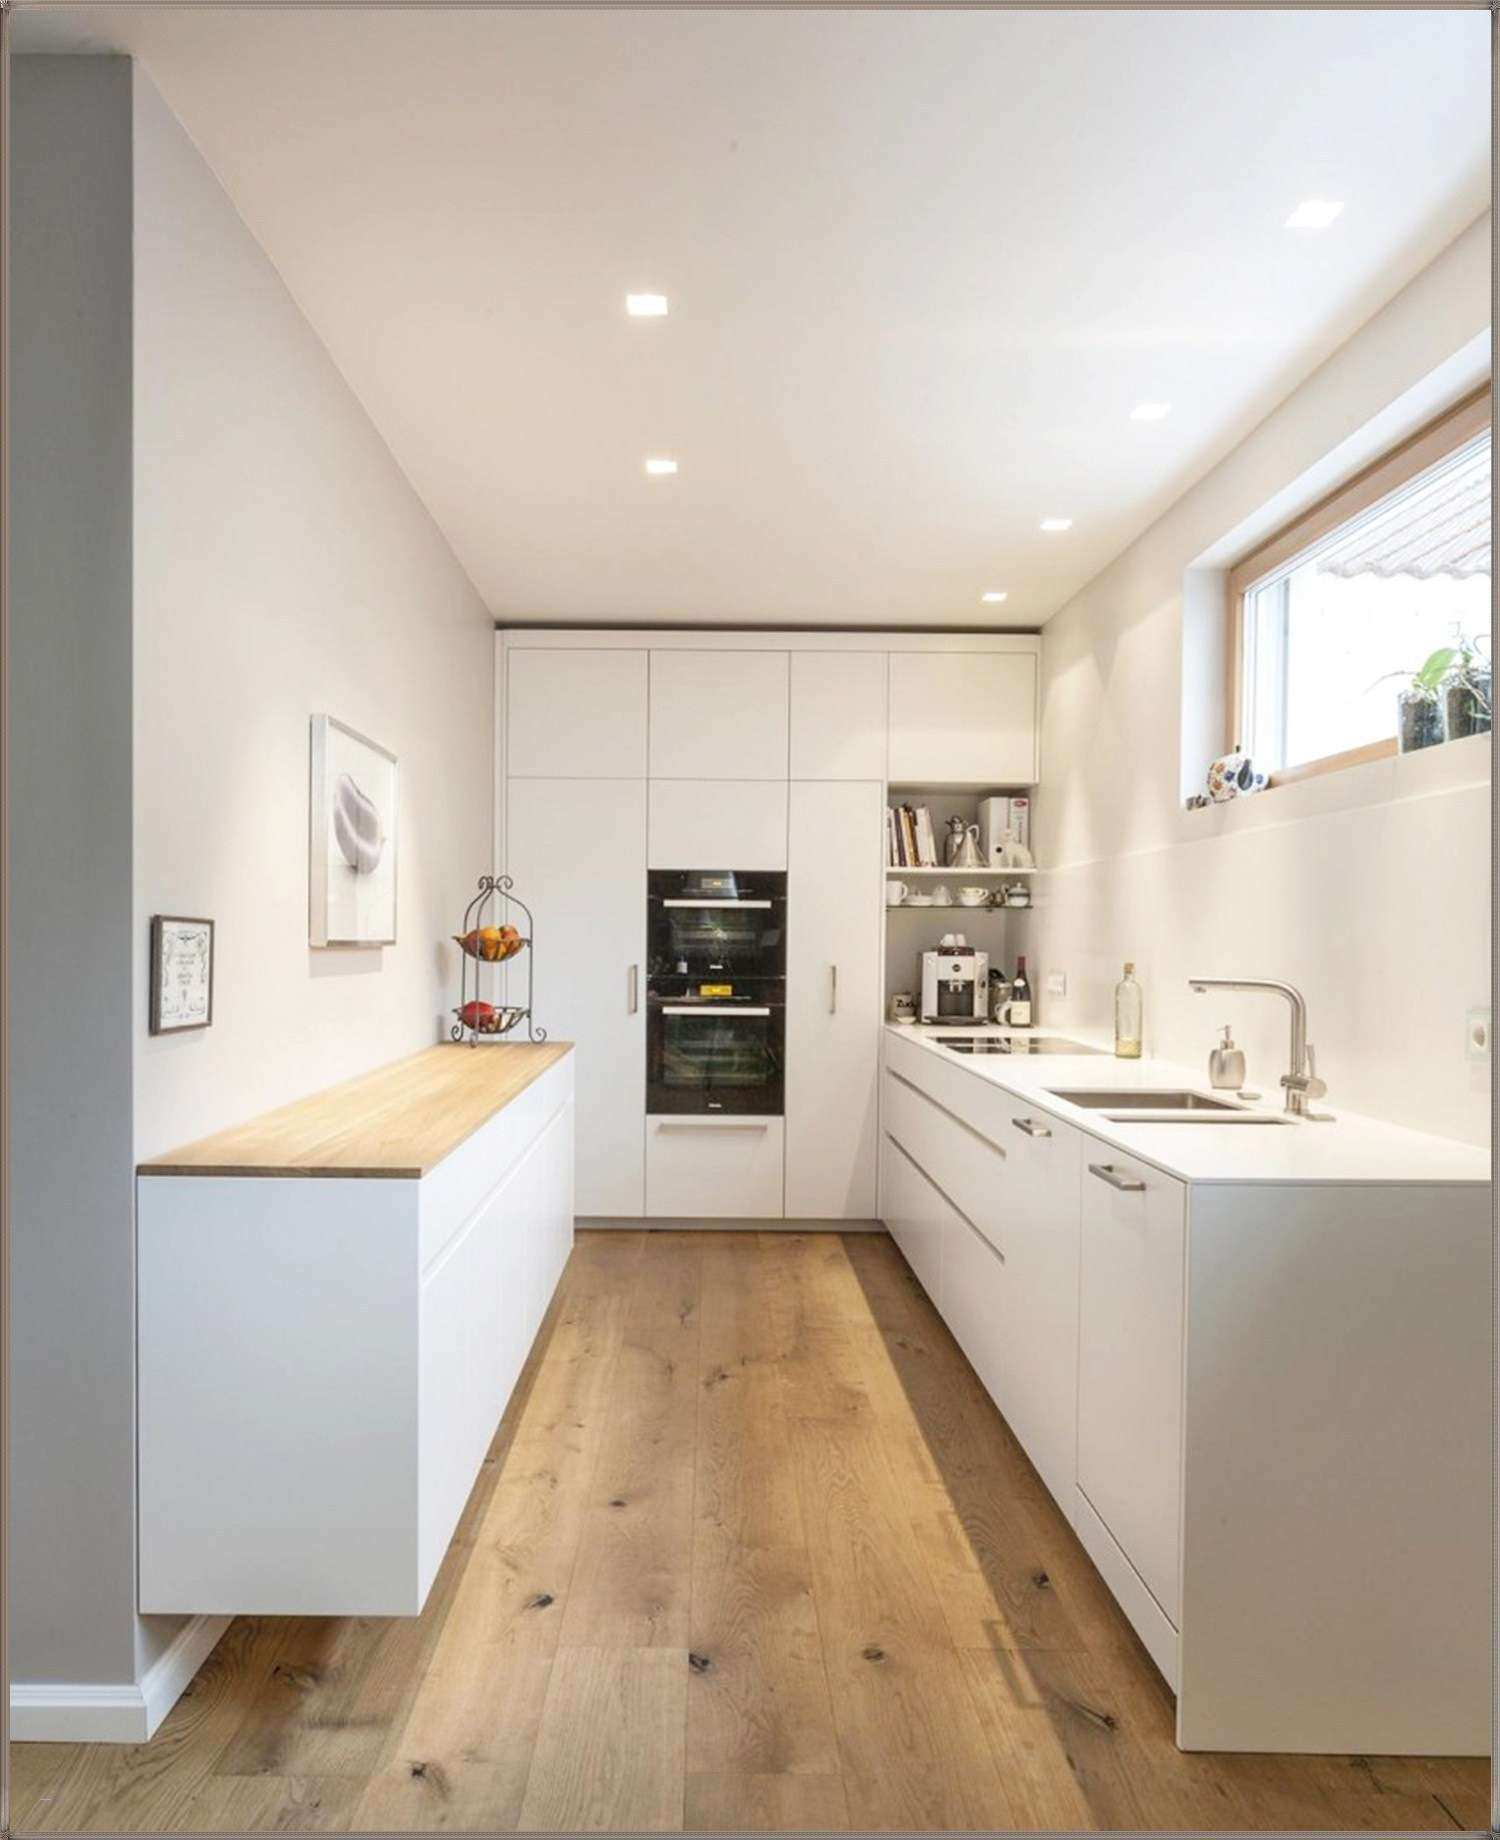 42 einzigartig garten gemutlich gestalten stock planen von wohnzimmer gemutlich modern of wohnzimmer gemutlich modern 1